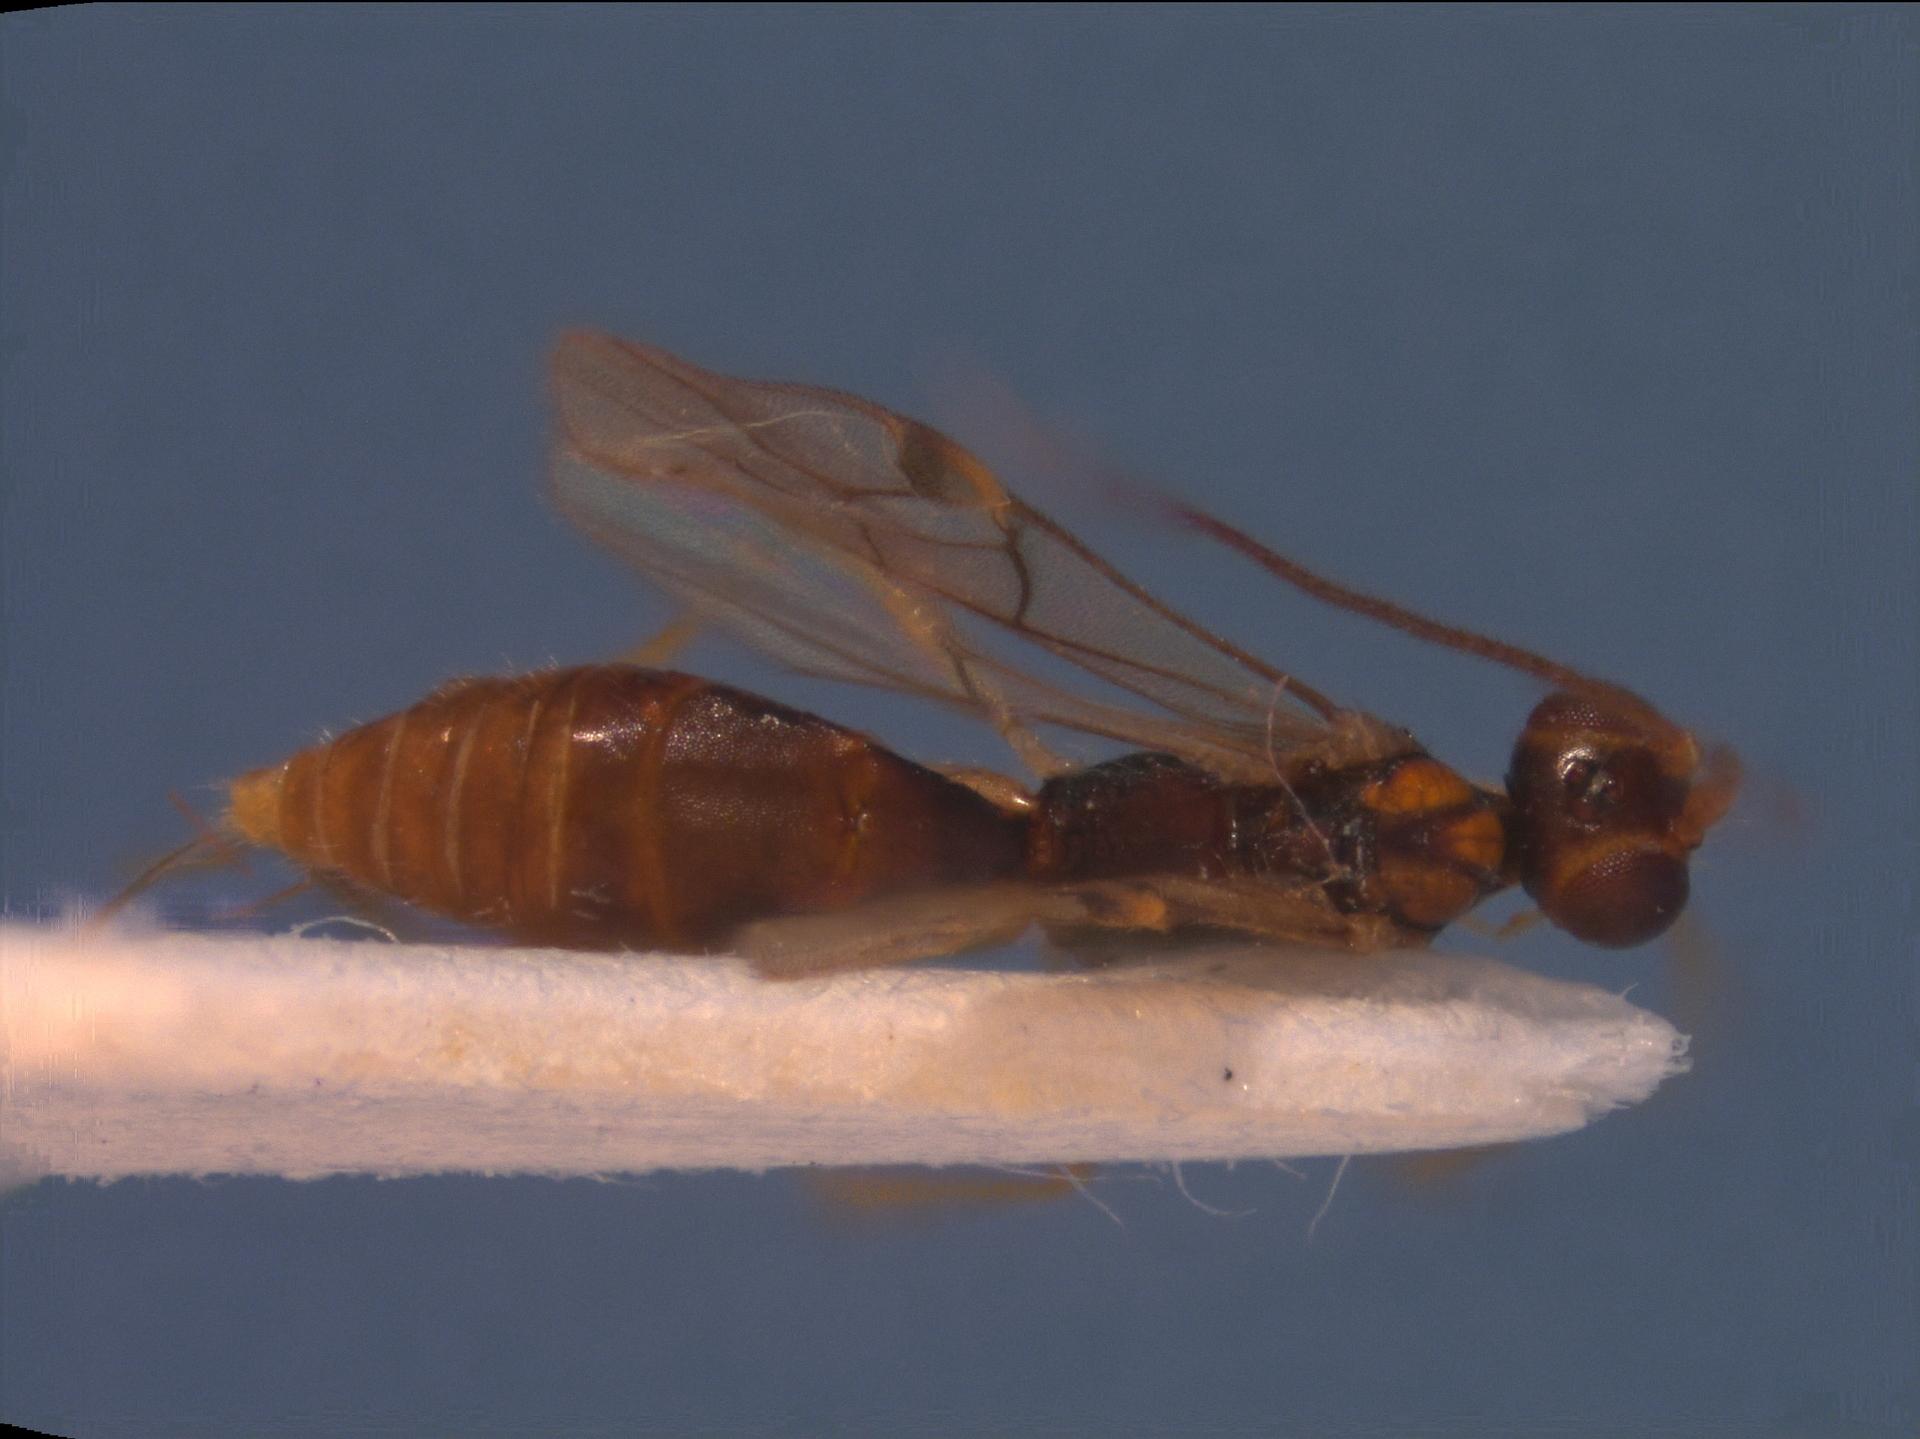 RMNH.INS.109693 | Pseudorhysipolis granulatus van Achterberg, 2002